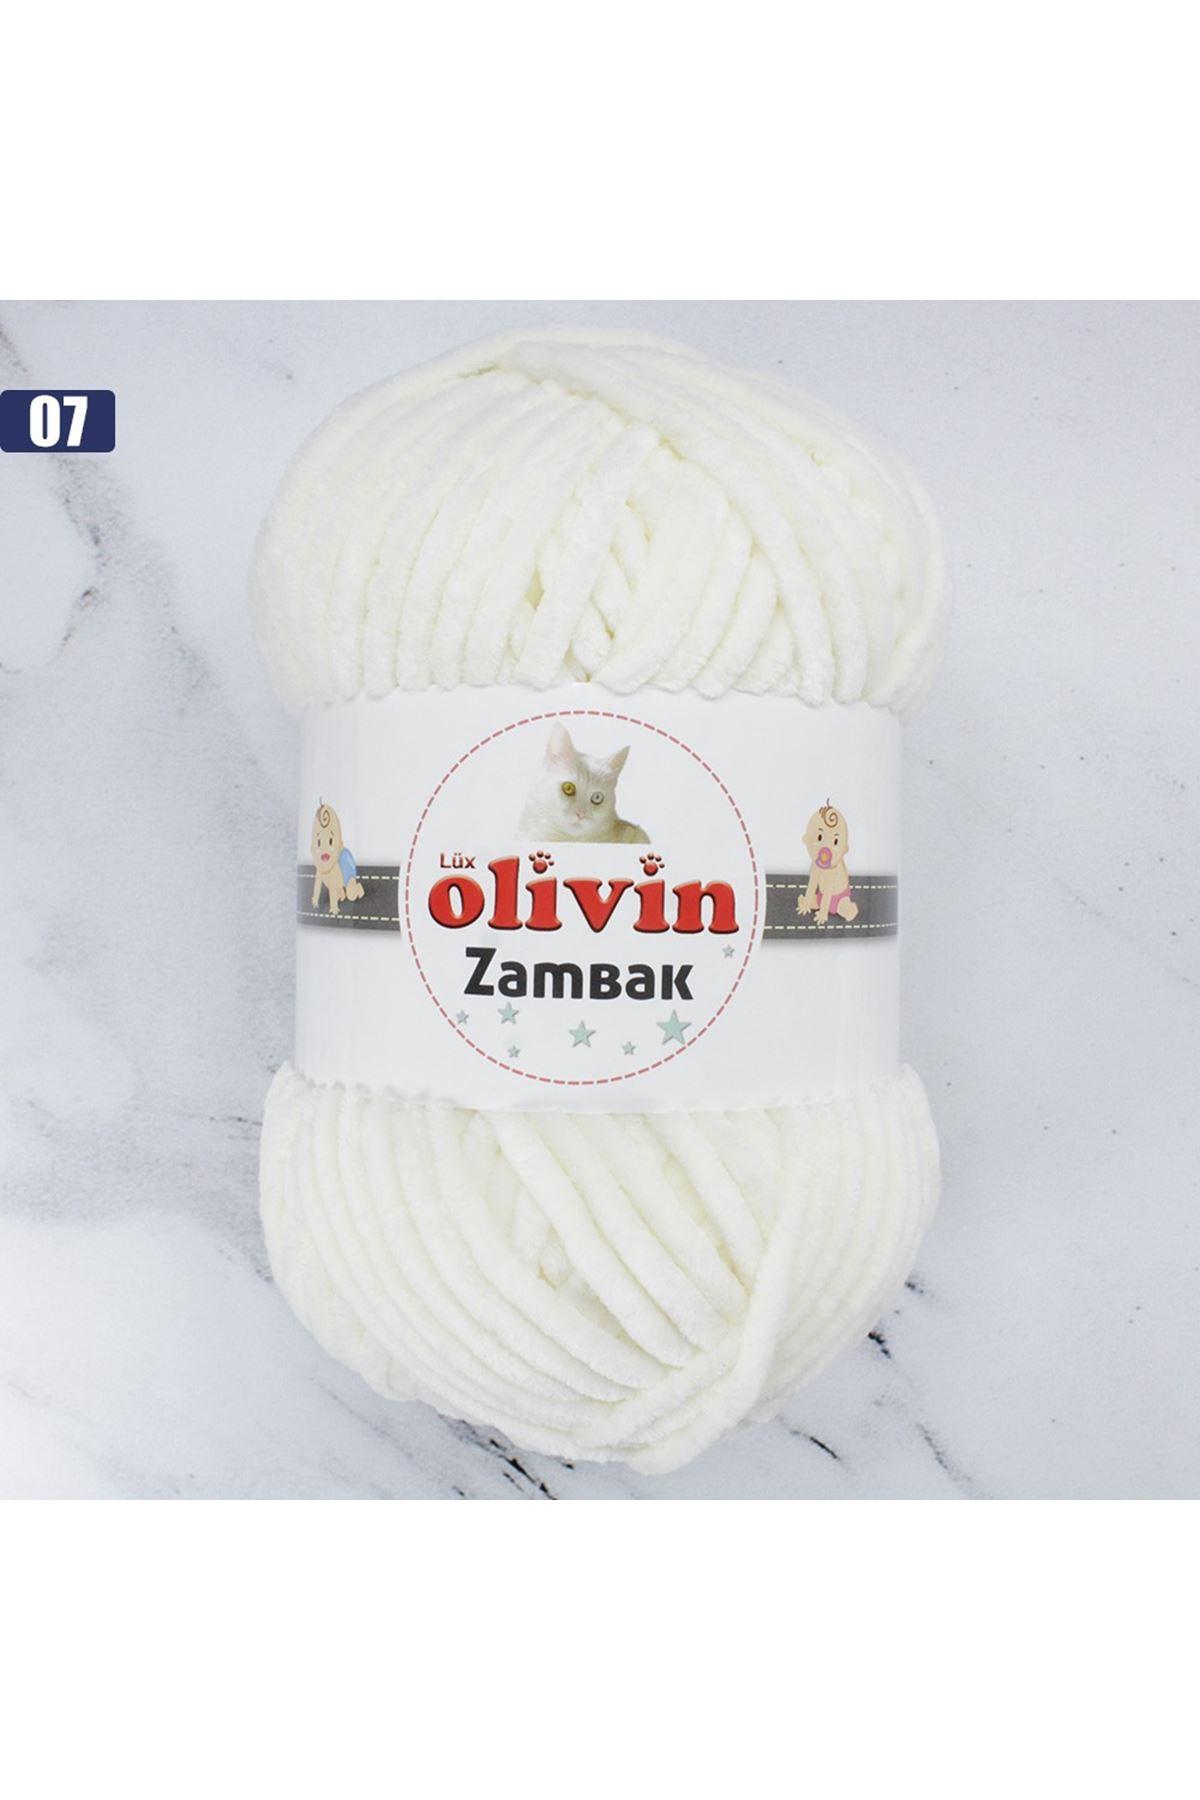 Olivin Zambak 07